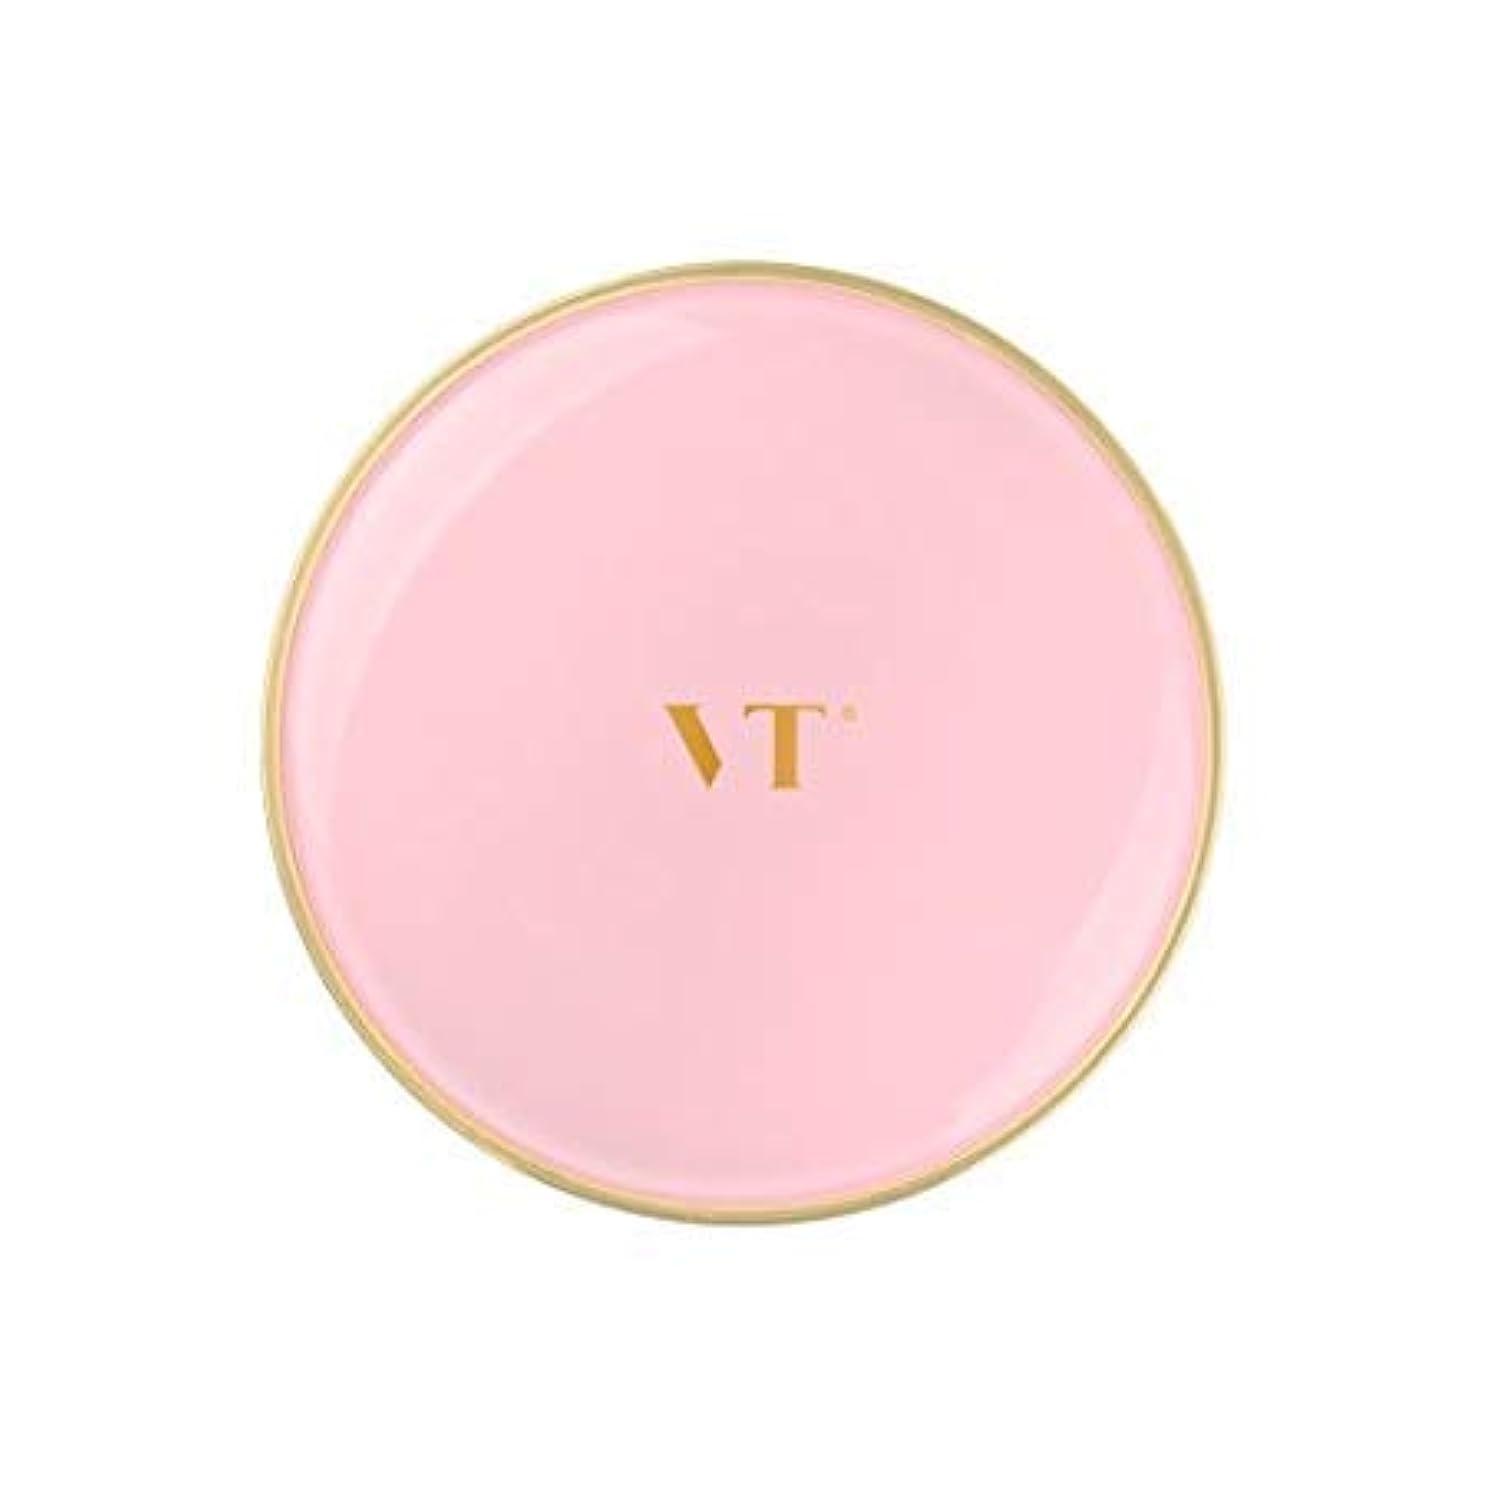 ストローク軽量比べるVT Collagen Pact 21号 11g /ブイティーコラーゲンパクト11g #21 【並行輸入品】